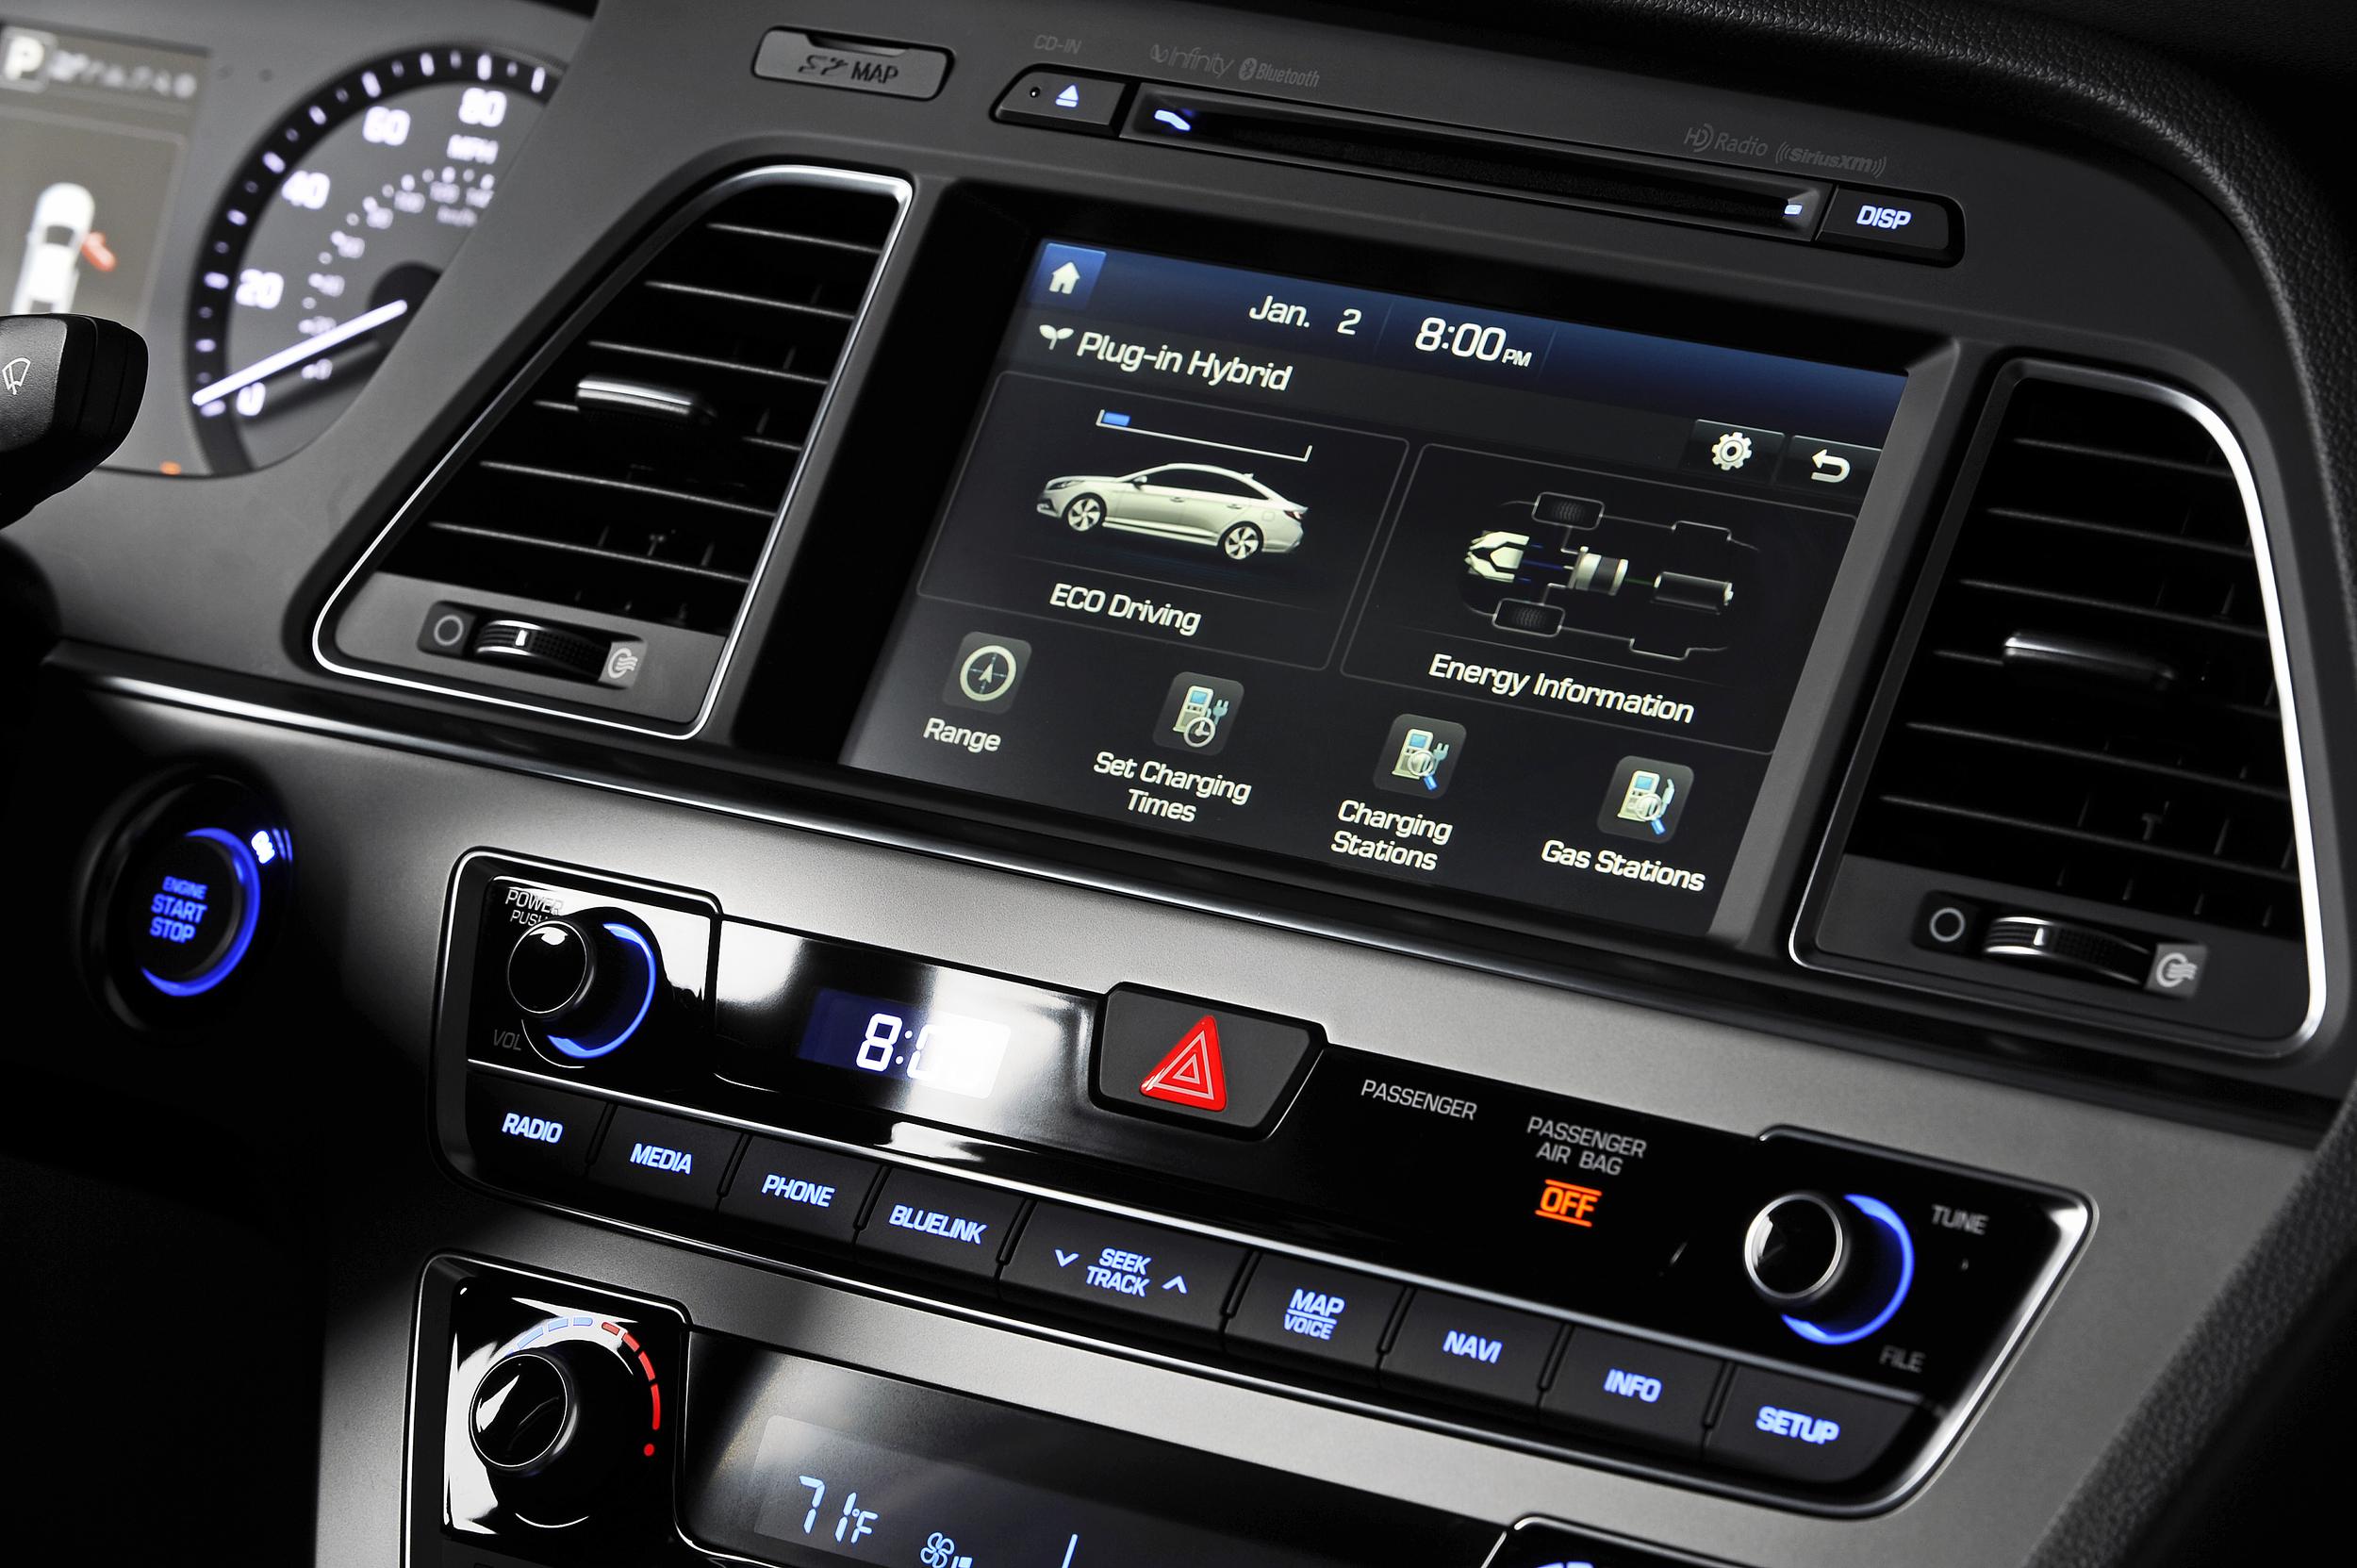 Hyundai sonata plug in hybrid apuesta por h bridos - 2015 hyundai sonata interior pictures ...